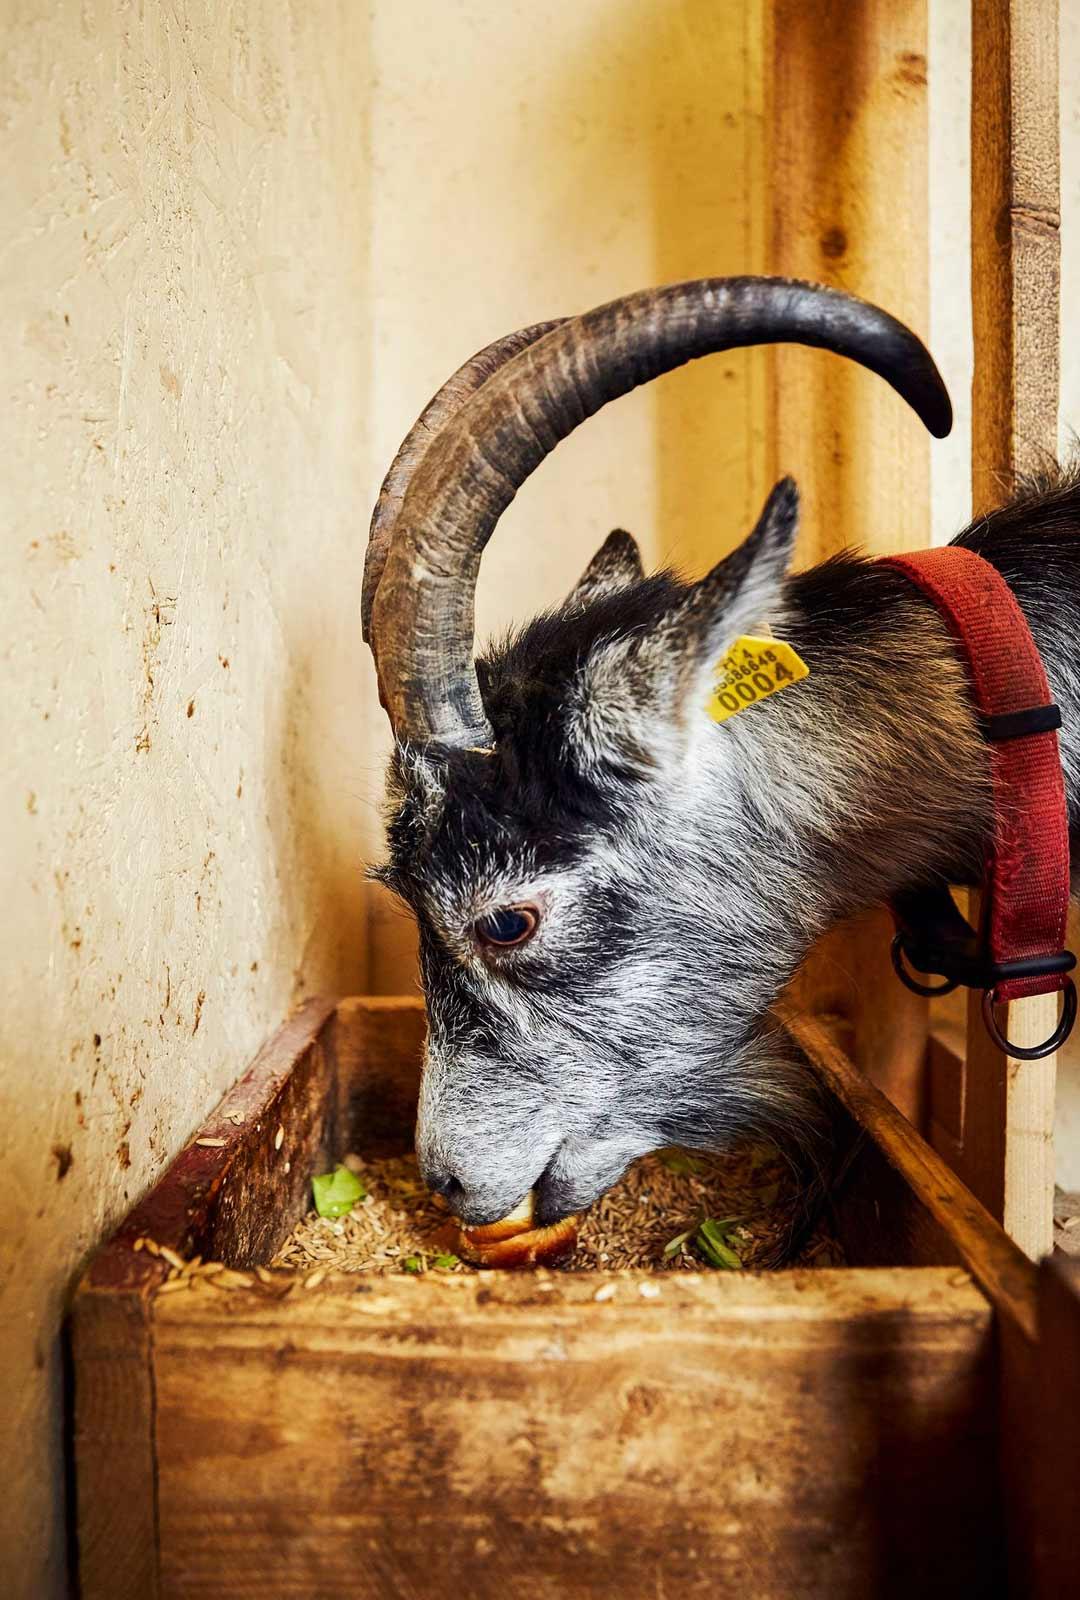 Oikeat vuohet, lampaat ja kanat ovat monen lapsen kohokohta tapahtumassa. Eläimet asuvat Pihlavassa ympäri vuoden.